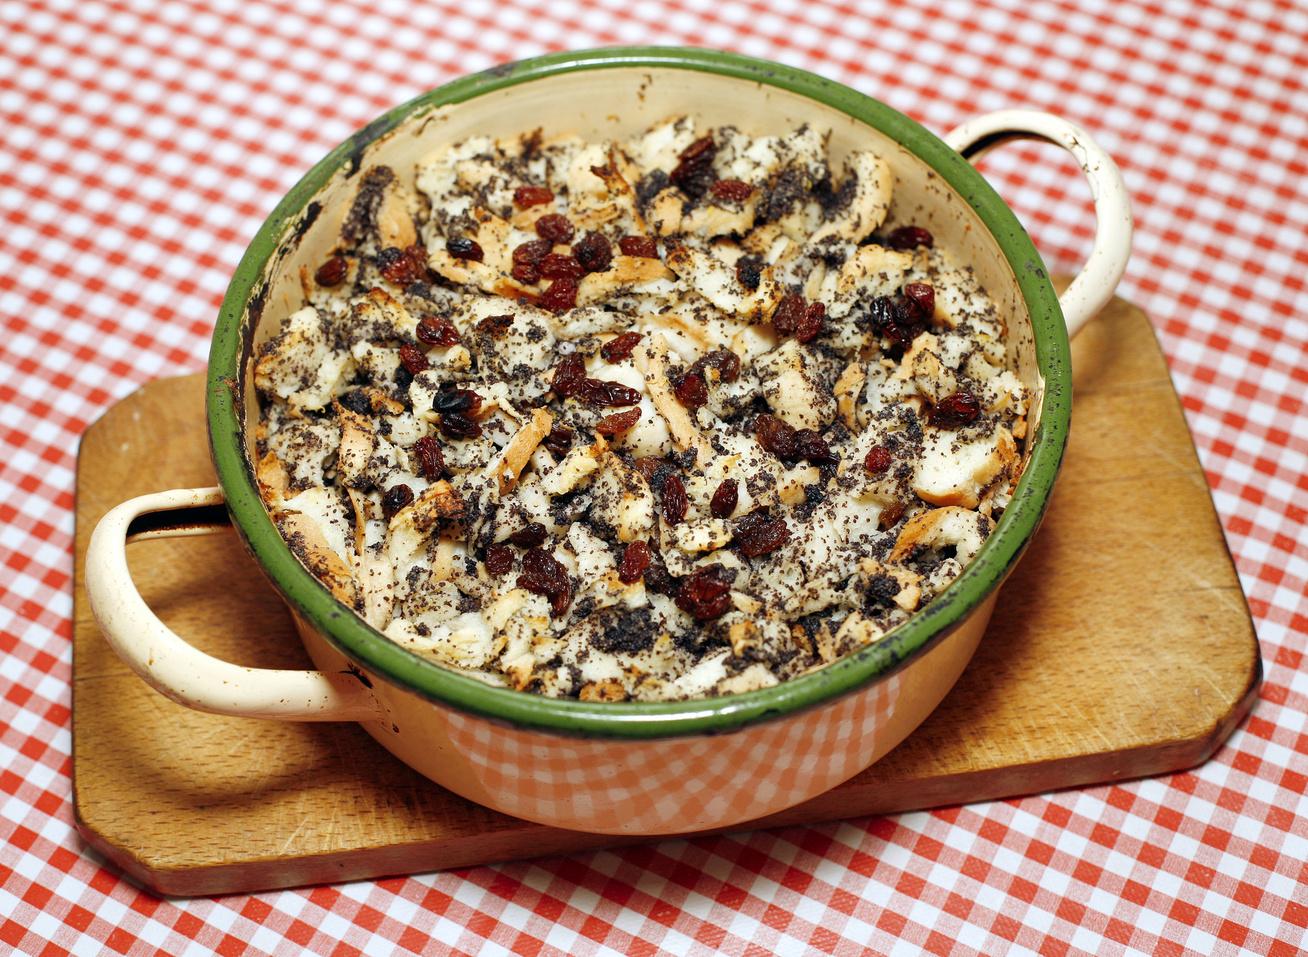 Sütőben sült mákos guba mazsolával és sok vaníliával - Ezt készítsd a száraz kifliből